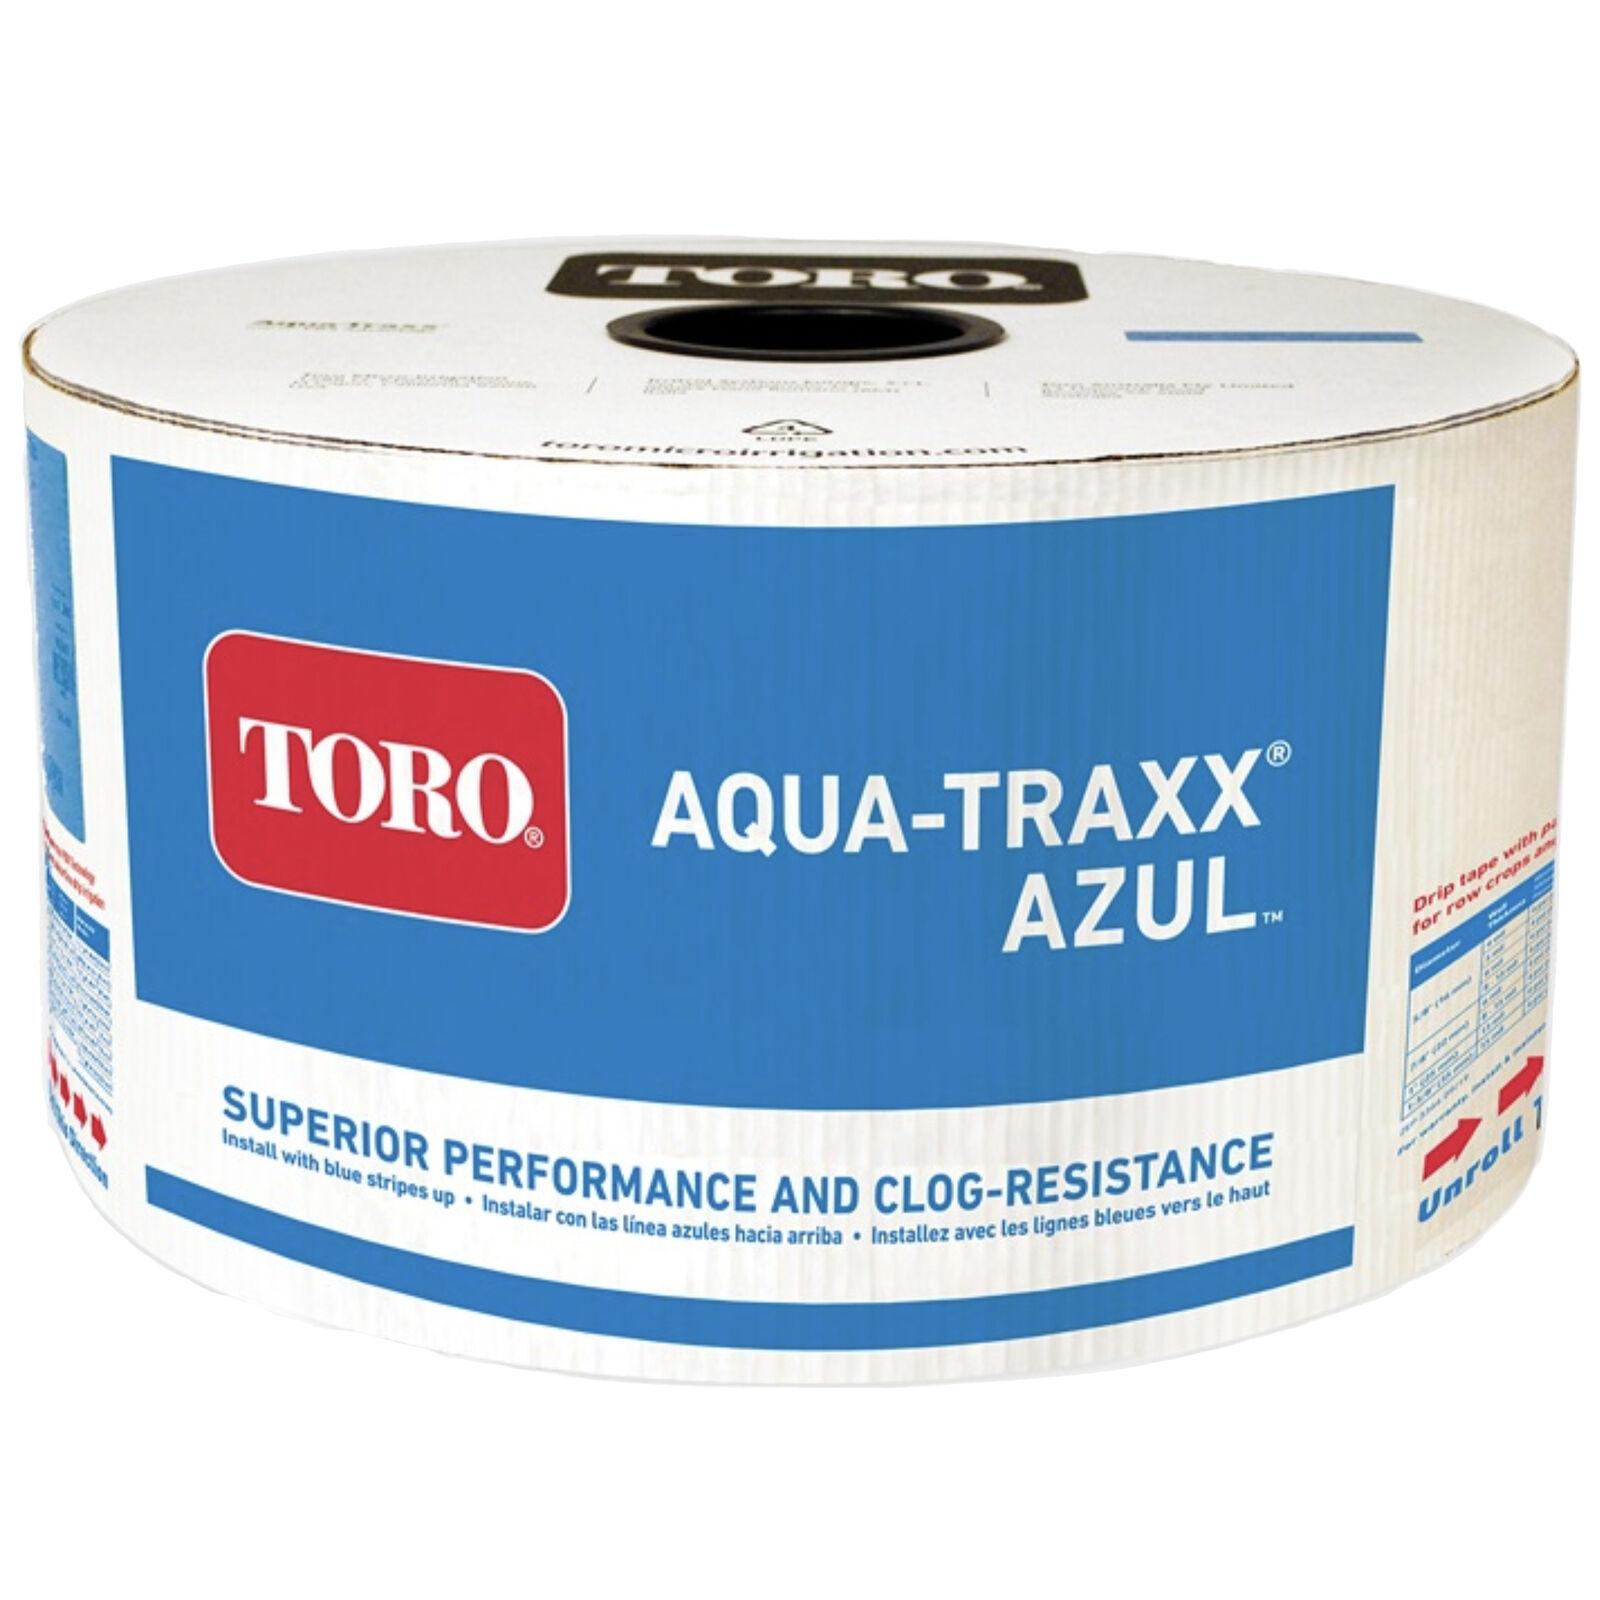 Aqua-Traxx 5/8